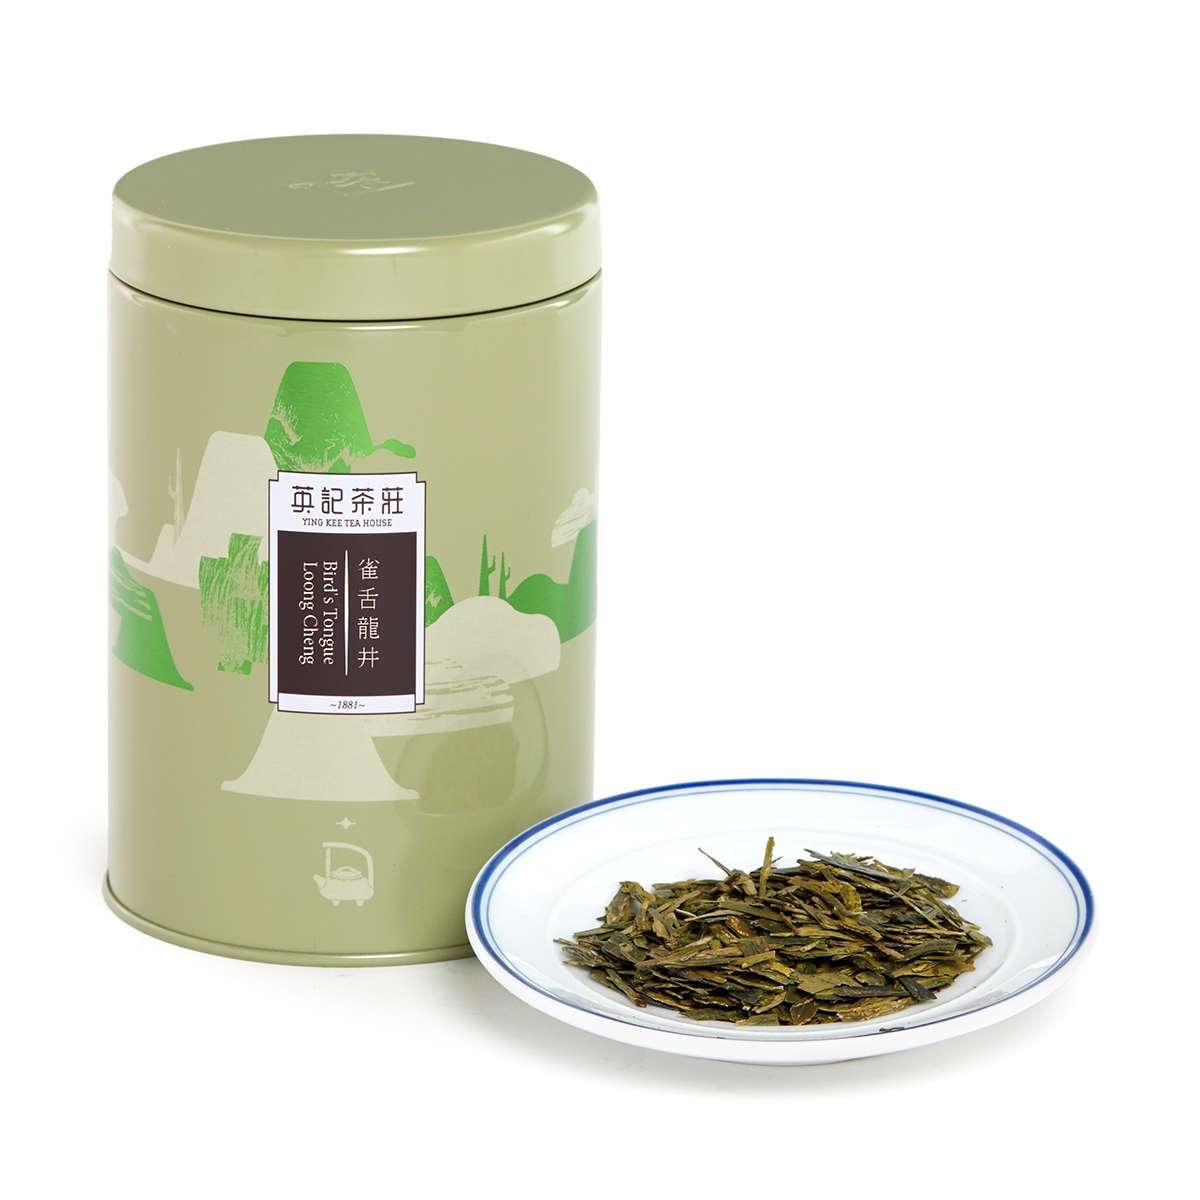 雀舌龍井  (150g罐裝)